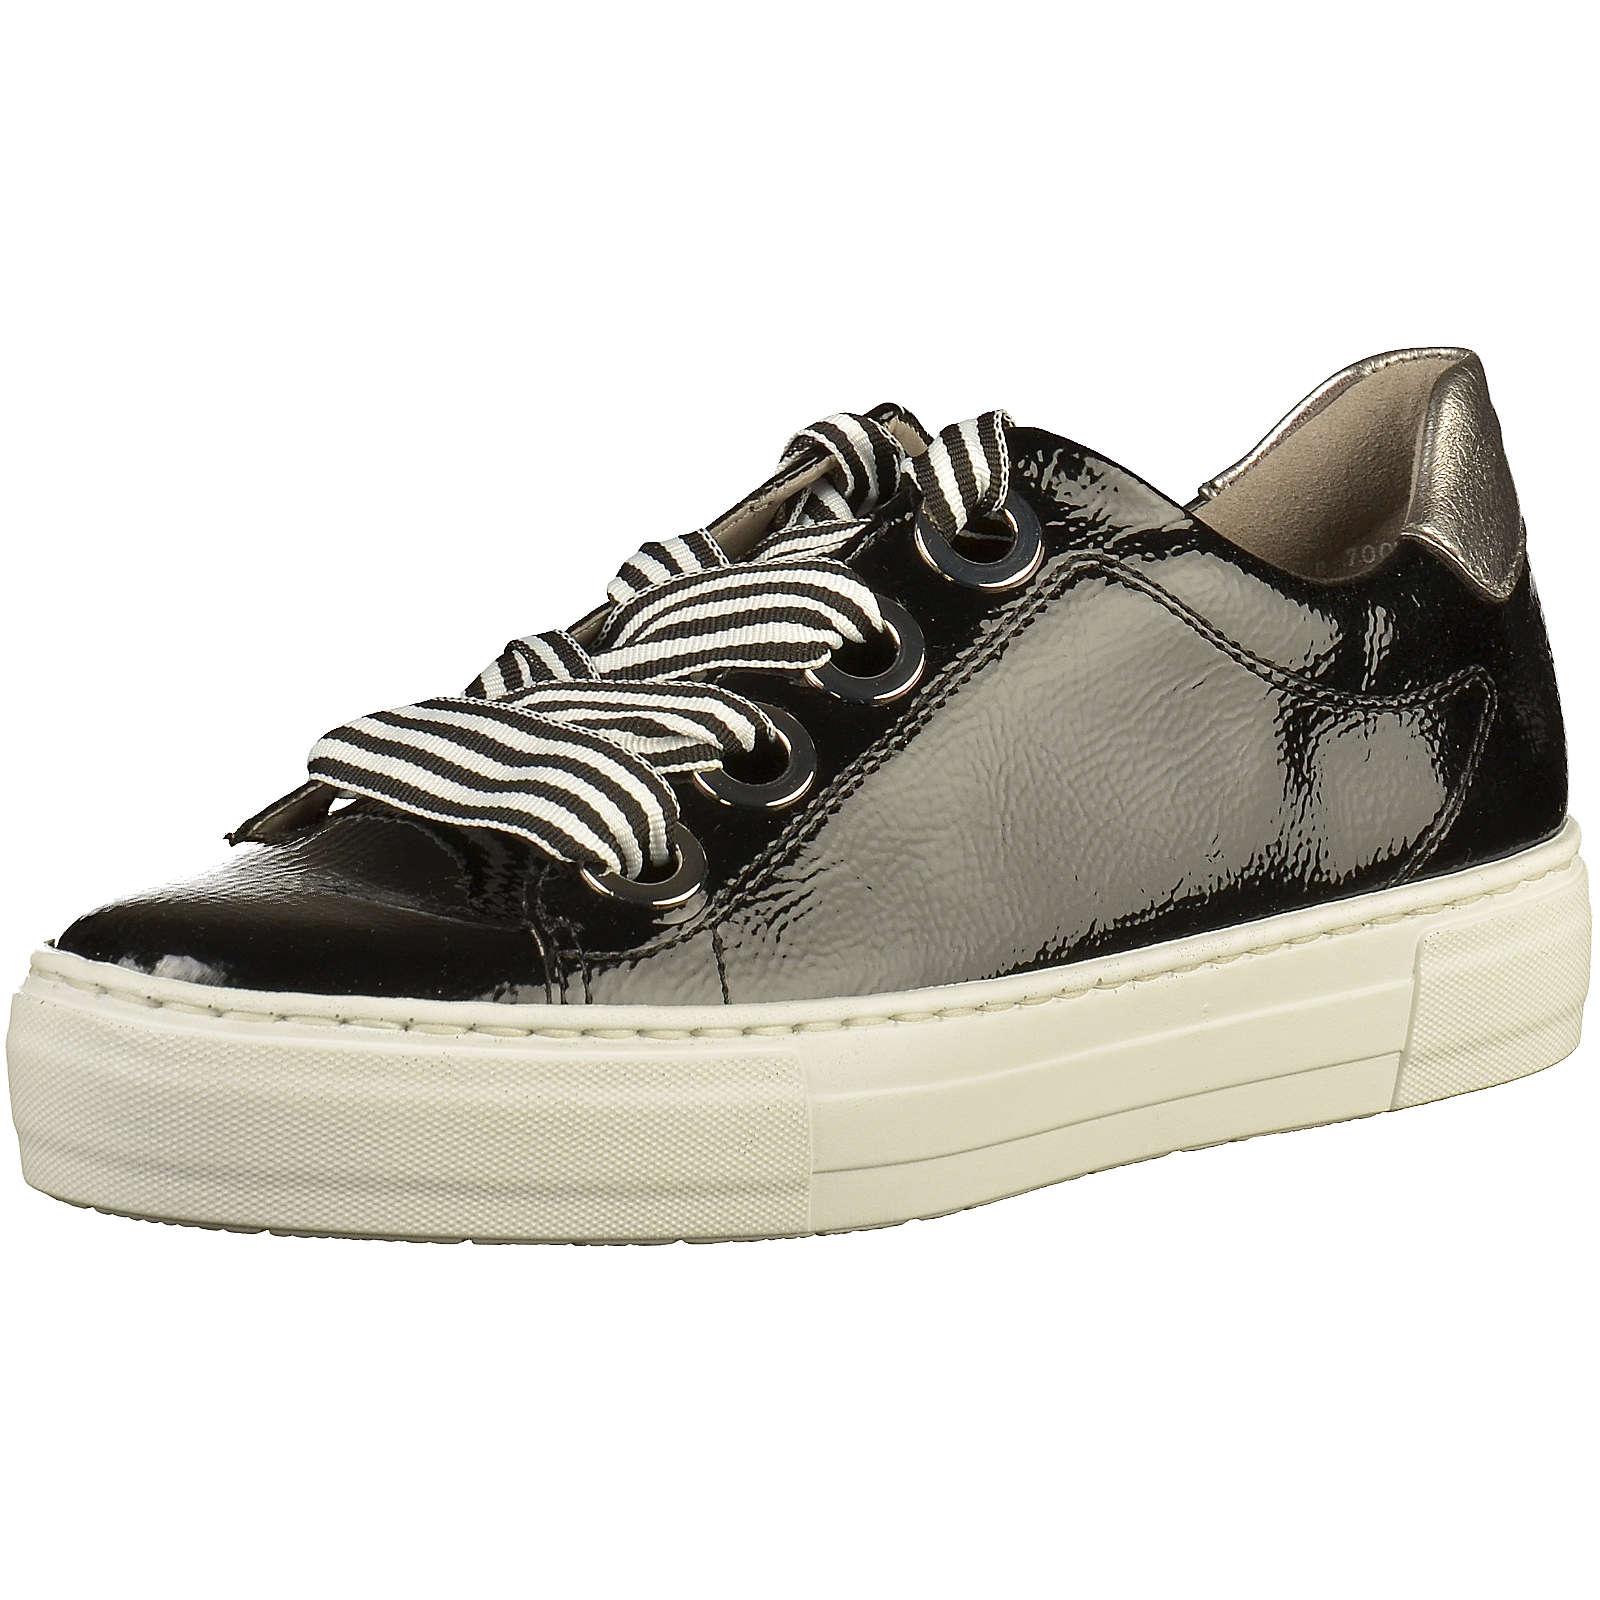 JENNY Sneaker Sneakers Low schwarz/grau Damen Gr. 38